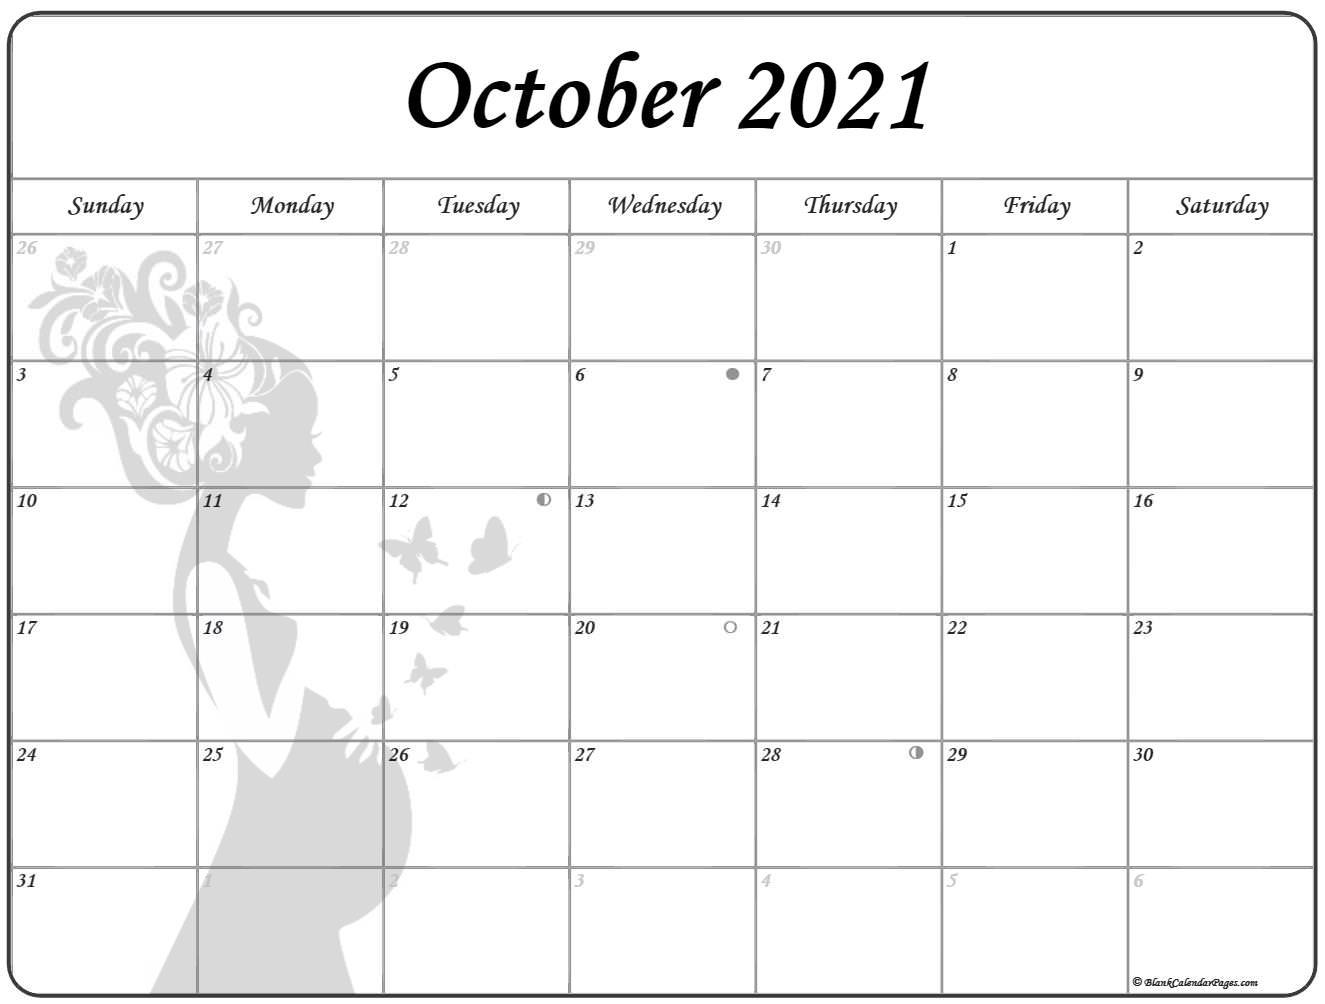 October 2021 Pregnancy Calendar   Fertility Calendar Printable Calendar October 2020 To September 2021